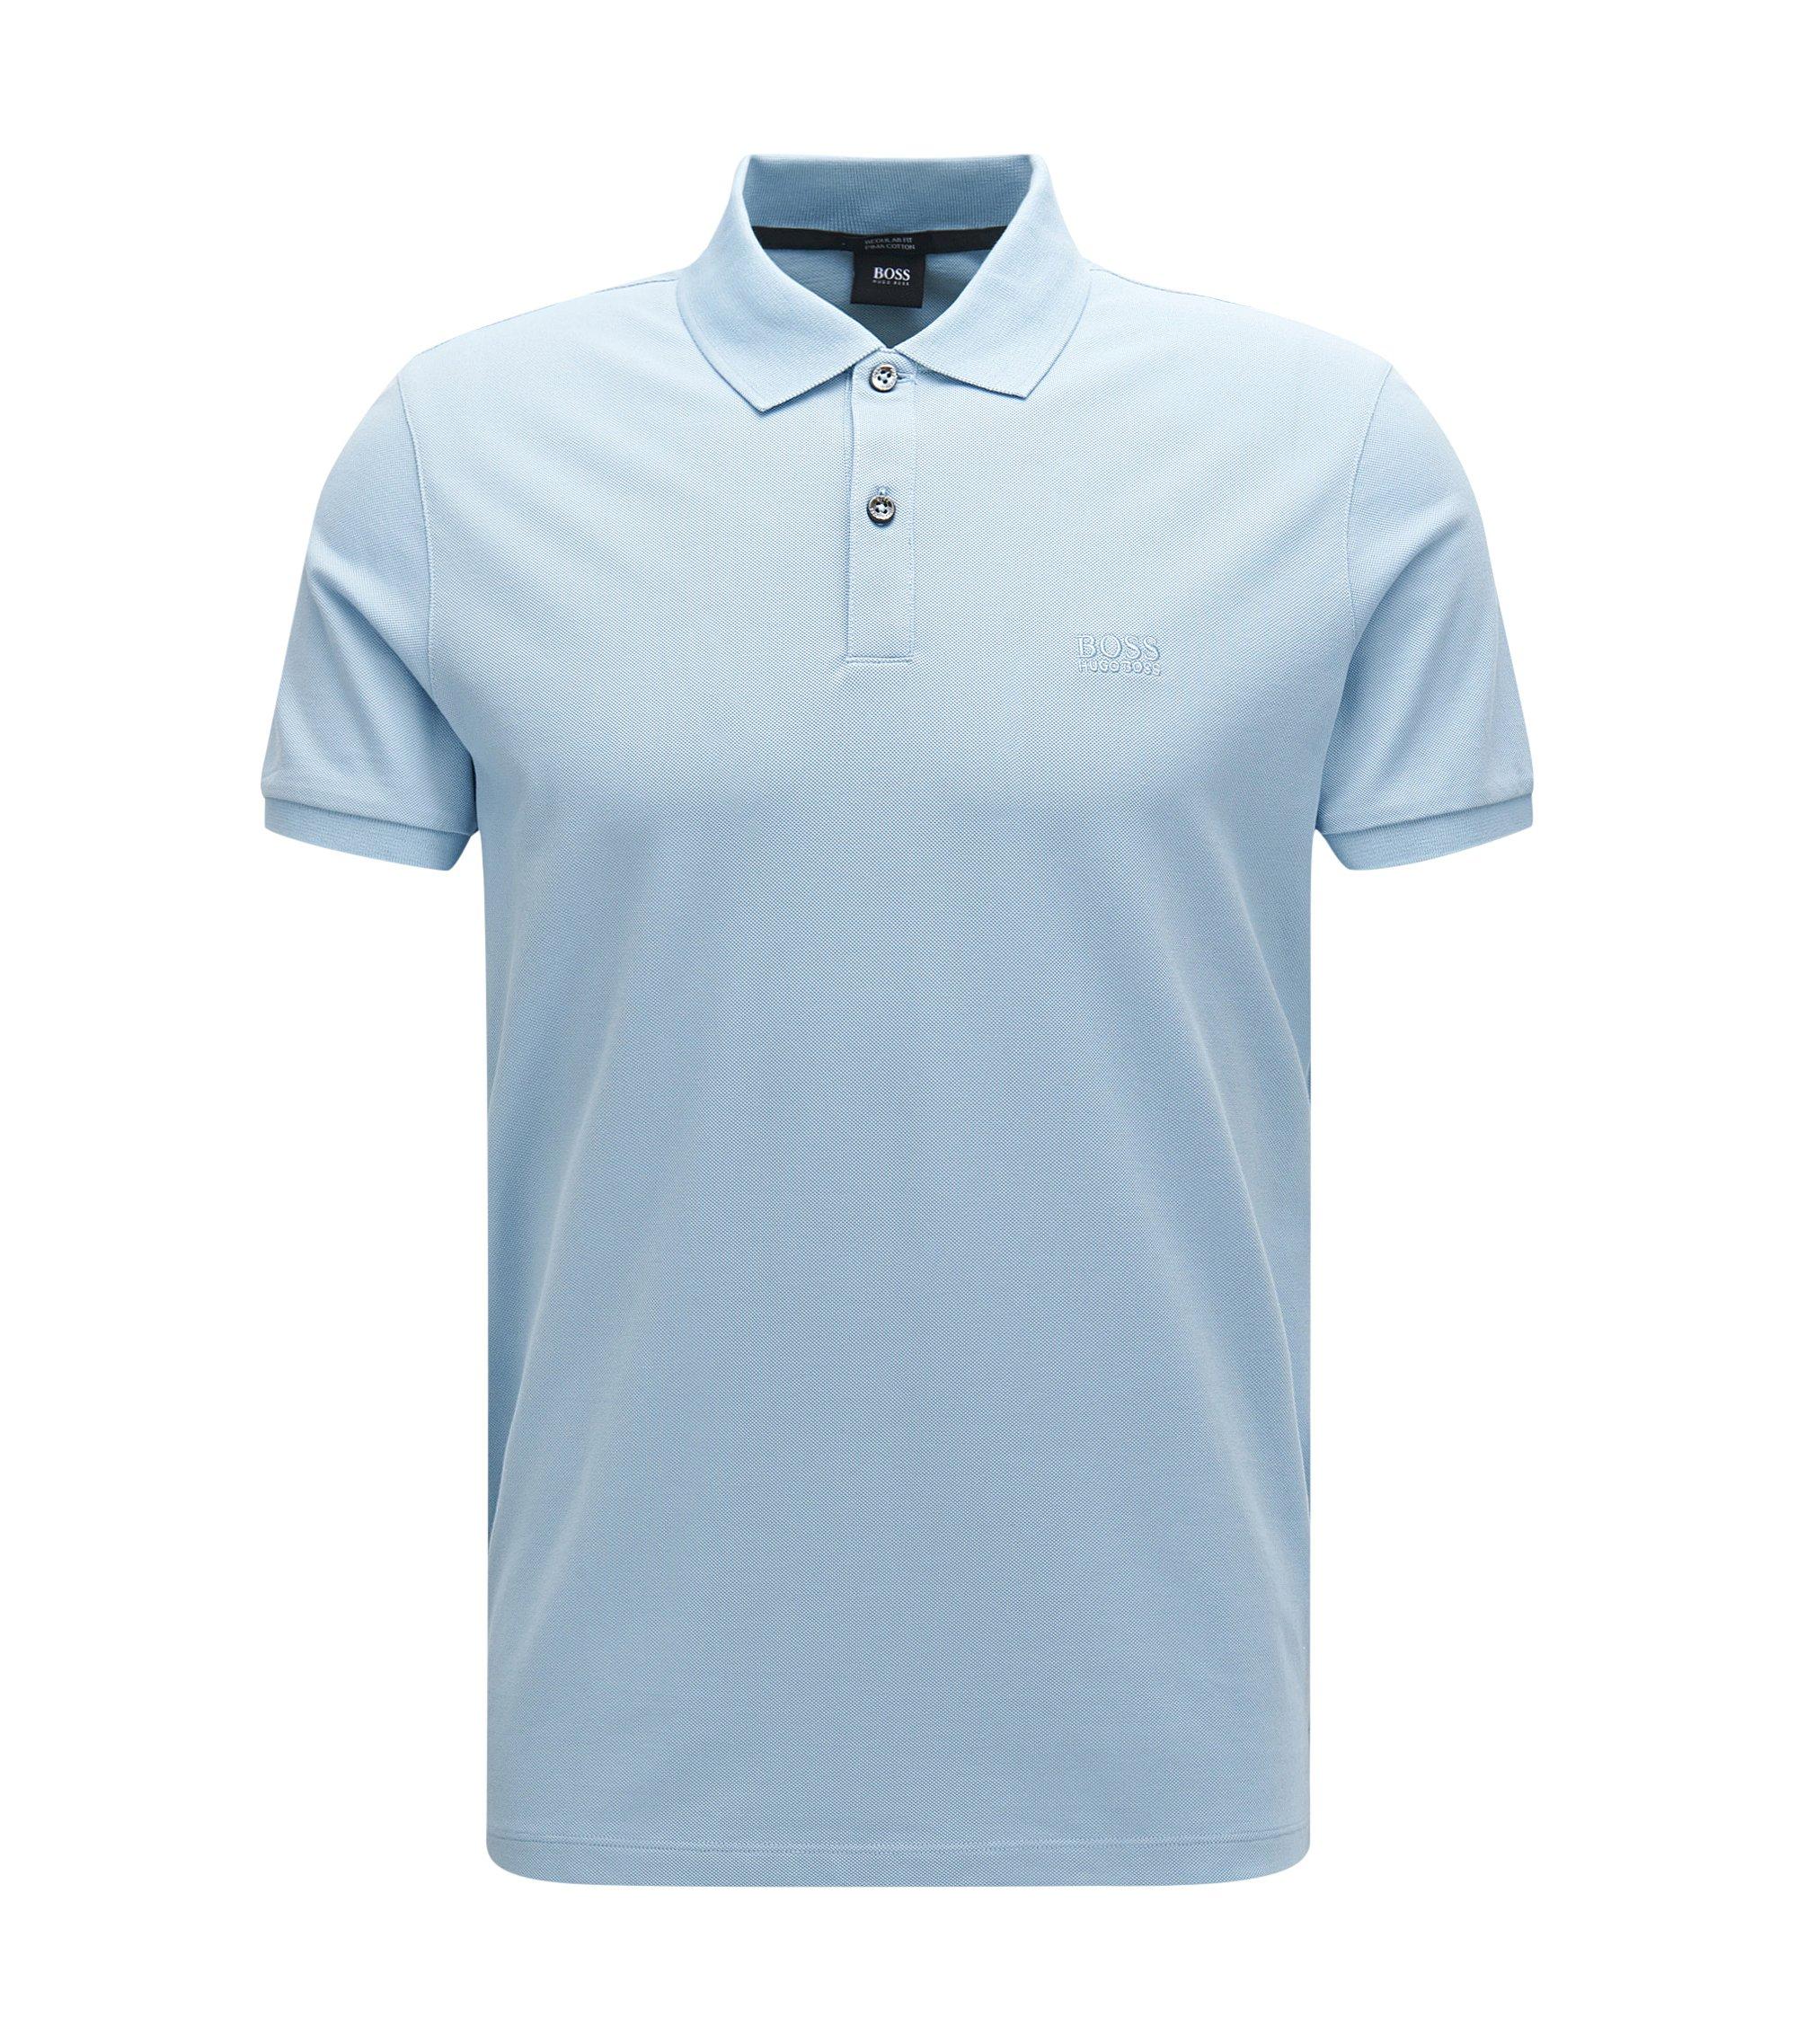 Regular-Fit Poloshirt aus feinem Piqué, Hellblau